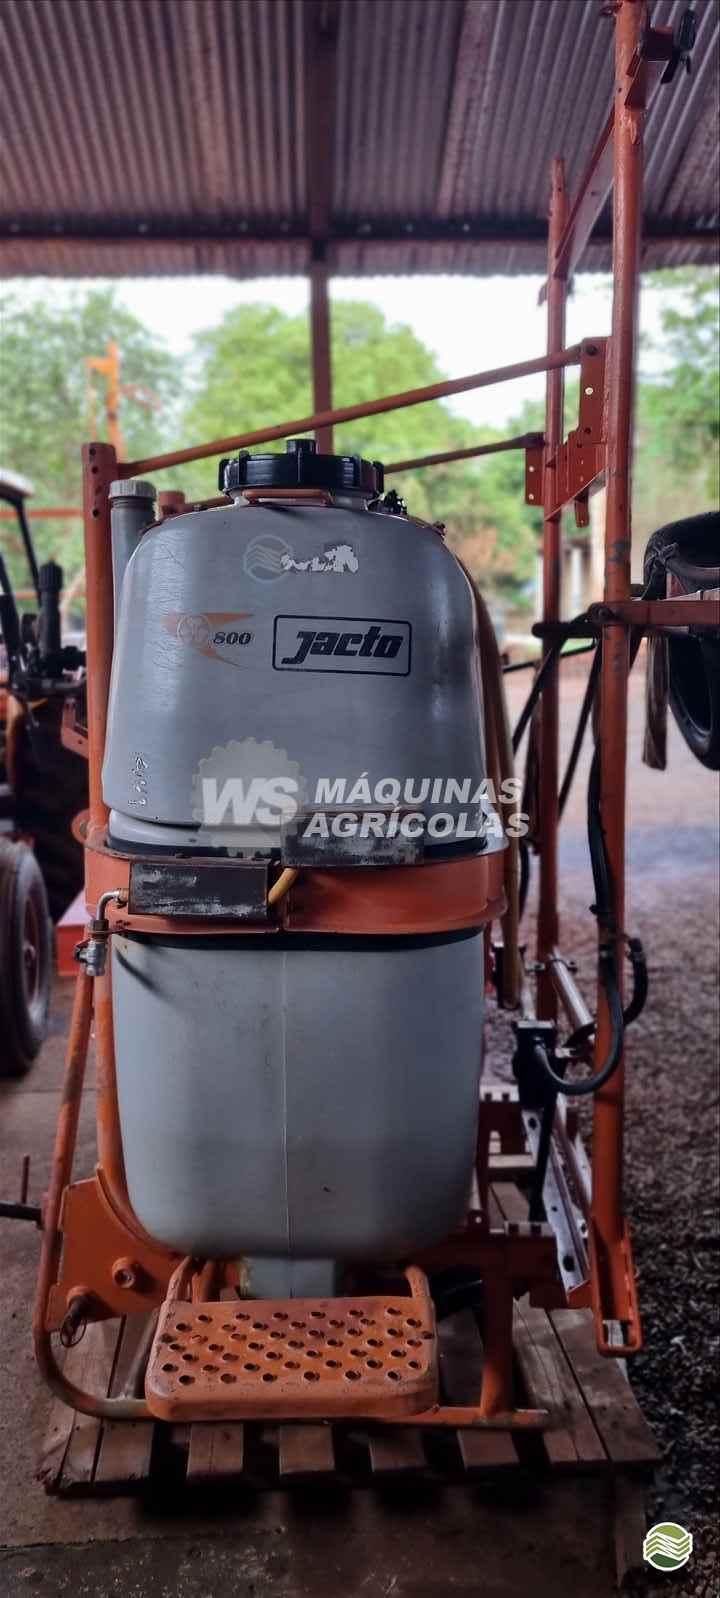 PULVERIZADOR JACTO CONDOR 800 AM14 Acoplado Hidráulico WS Máquinas Agrícolas SERTAOZINHO SÃO PAULO SP